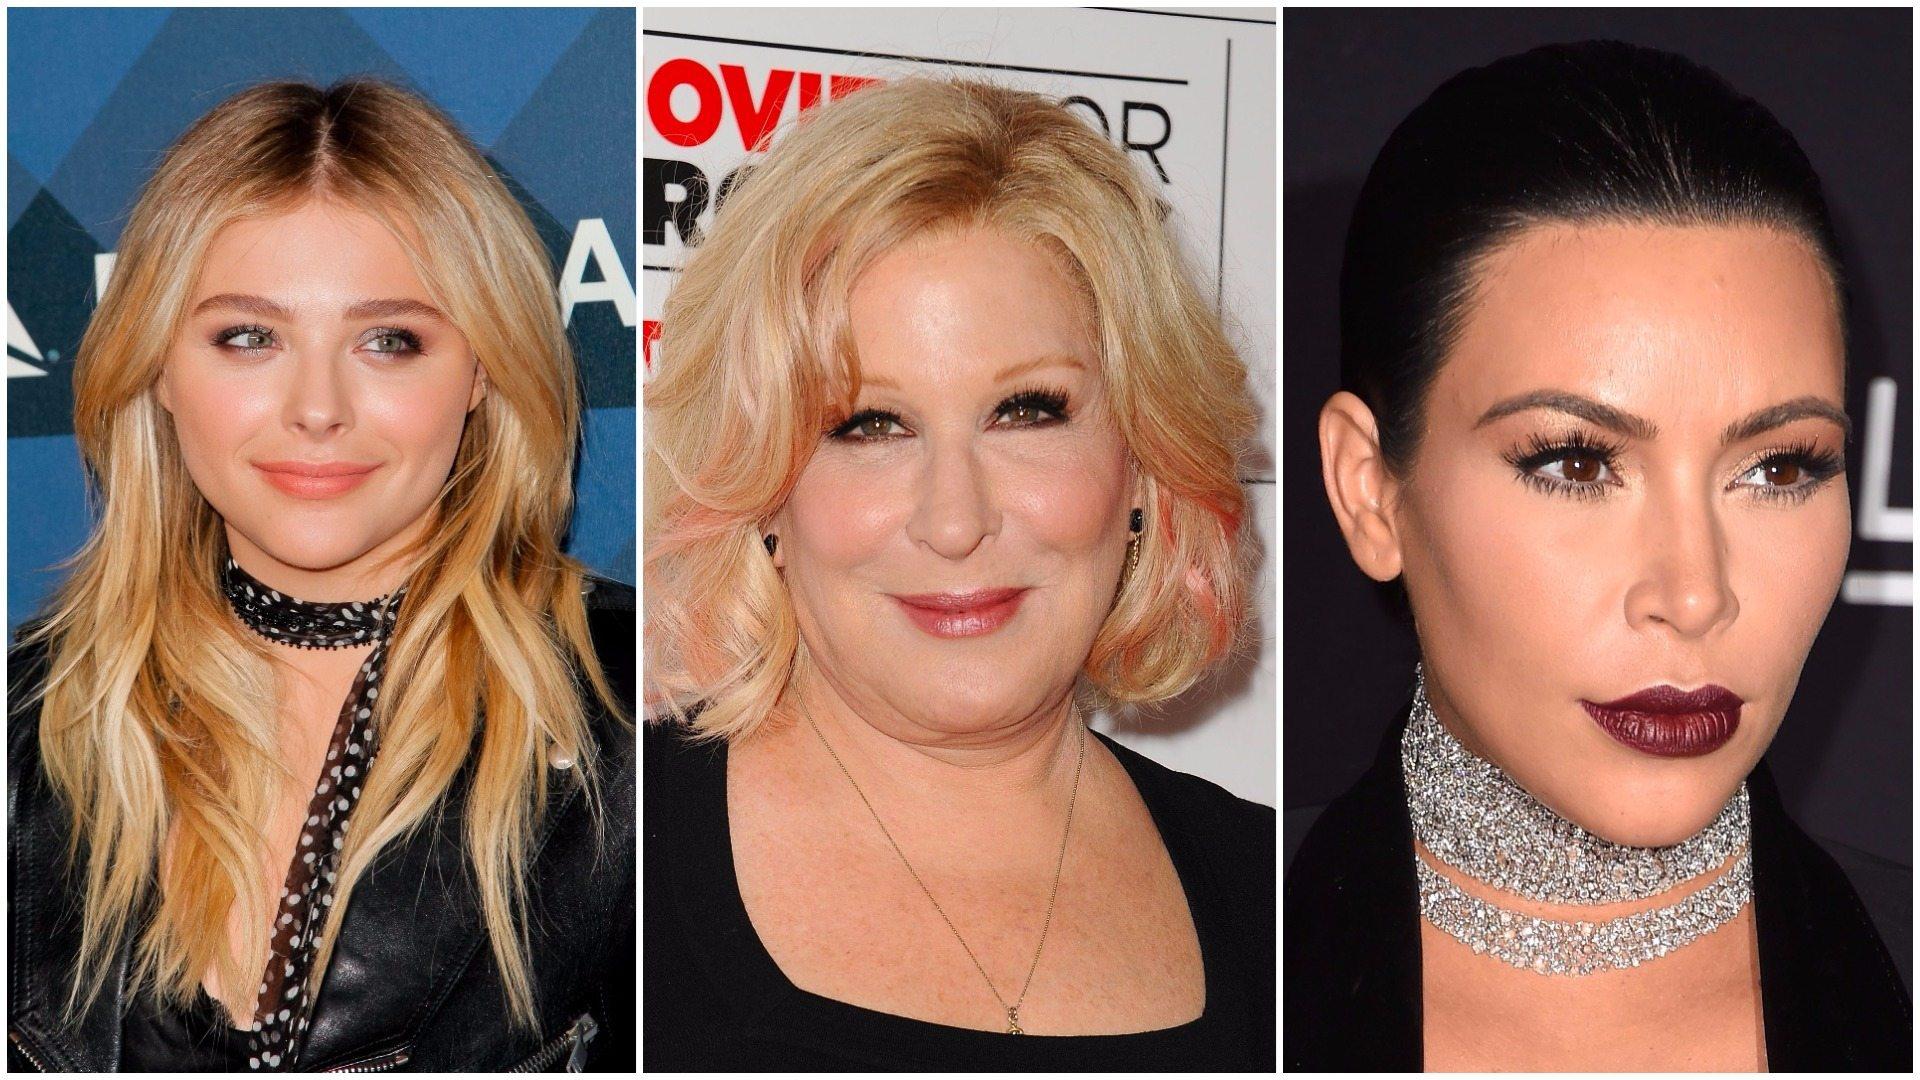 Bette Midler, Chloe Grace Moretz, Kim Kardashian 'Kanye Style' Twitter War